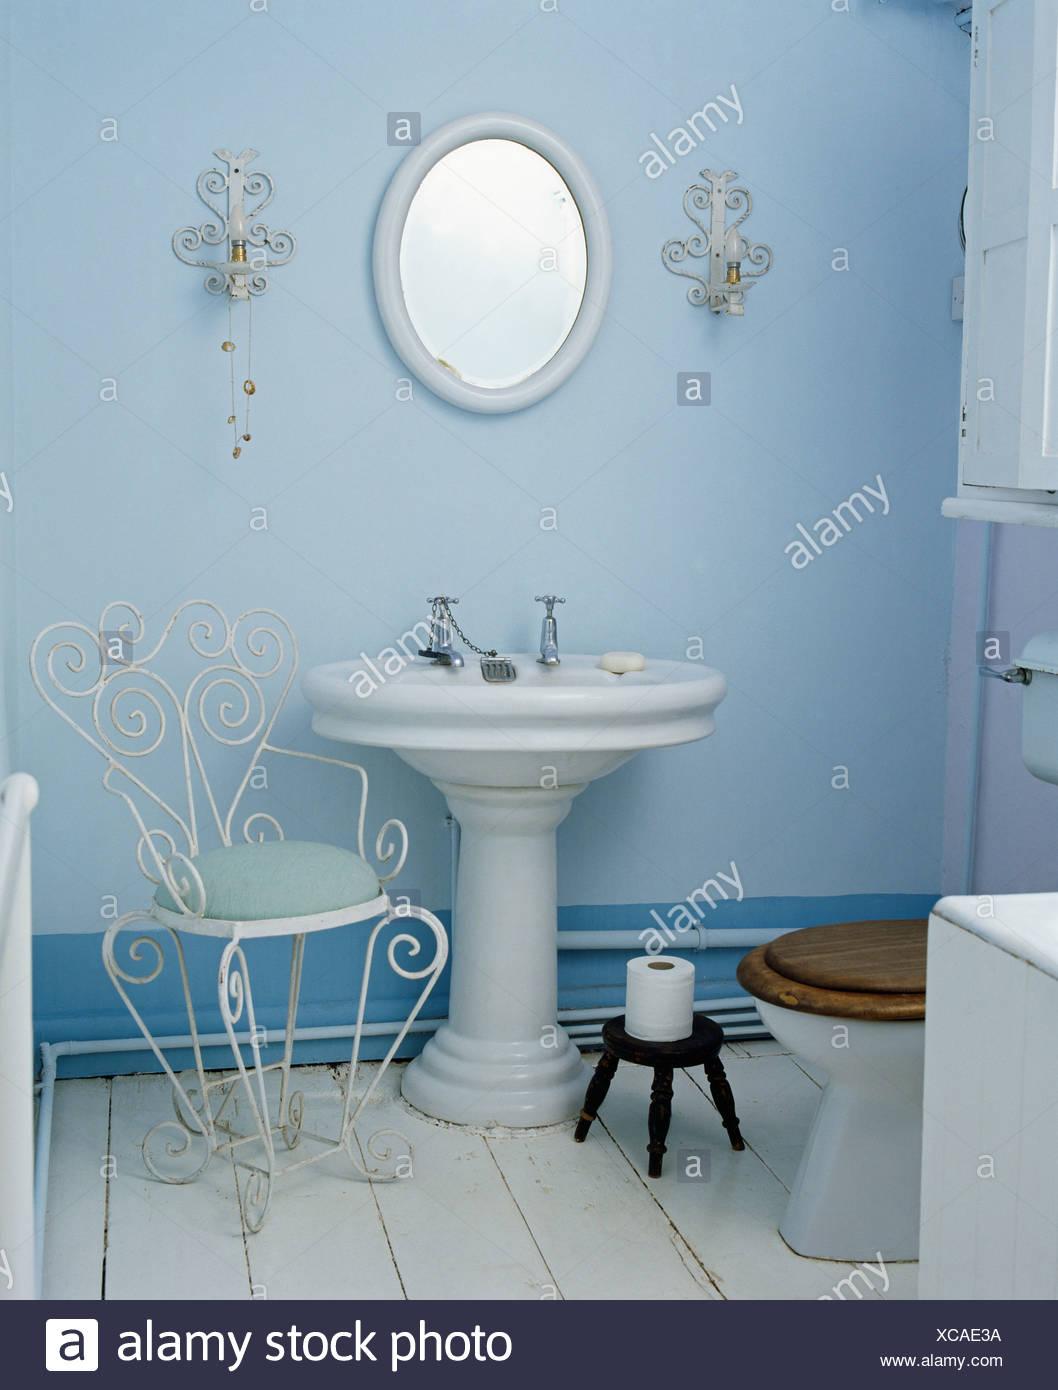 Weißen Sockel Becken und Metall Stuhl in blassen blauen Badezimmer ...